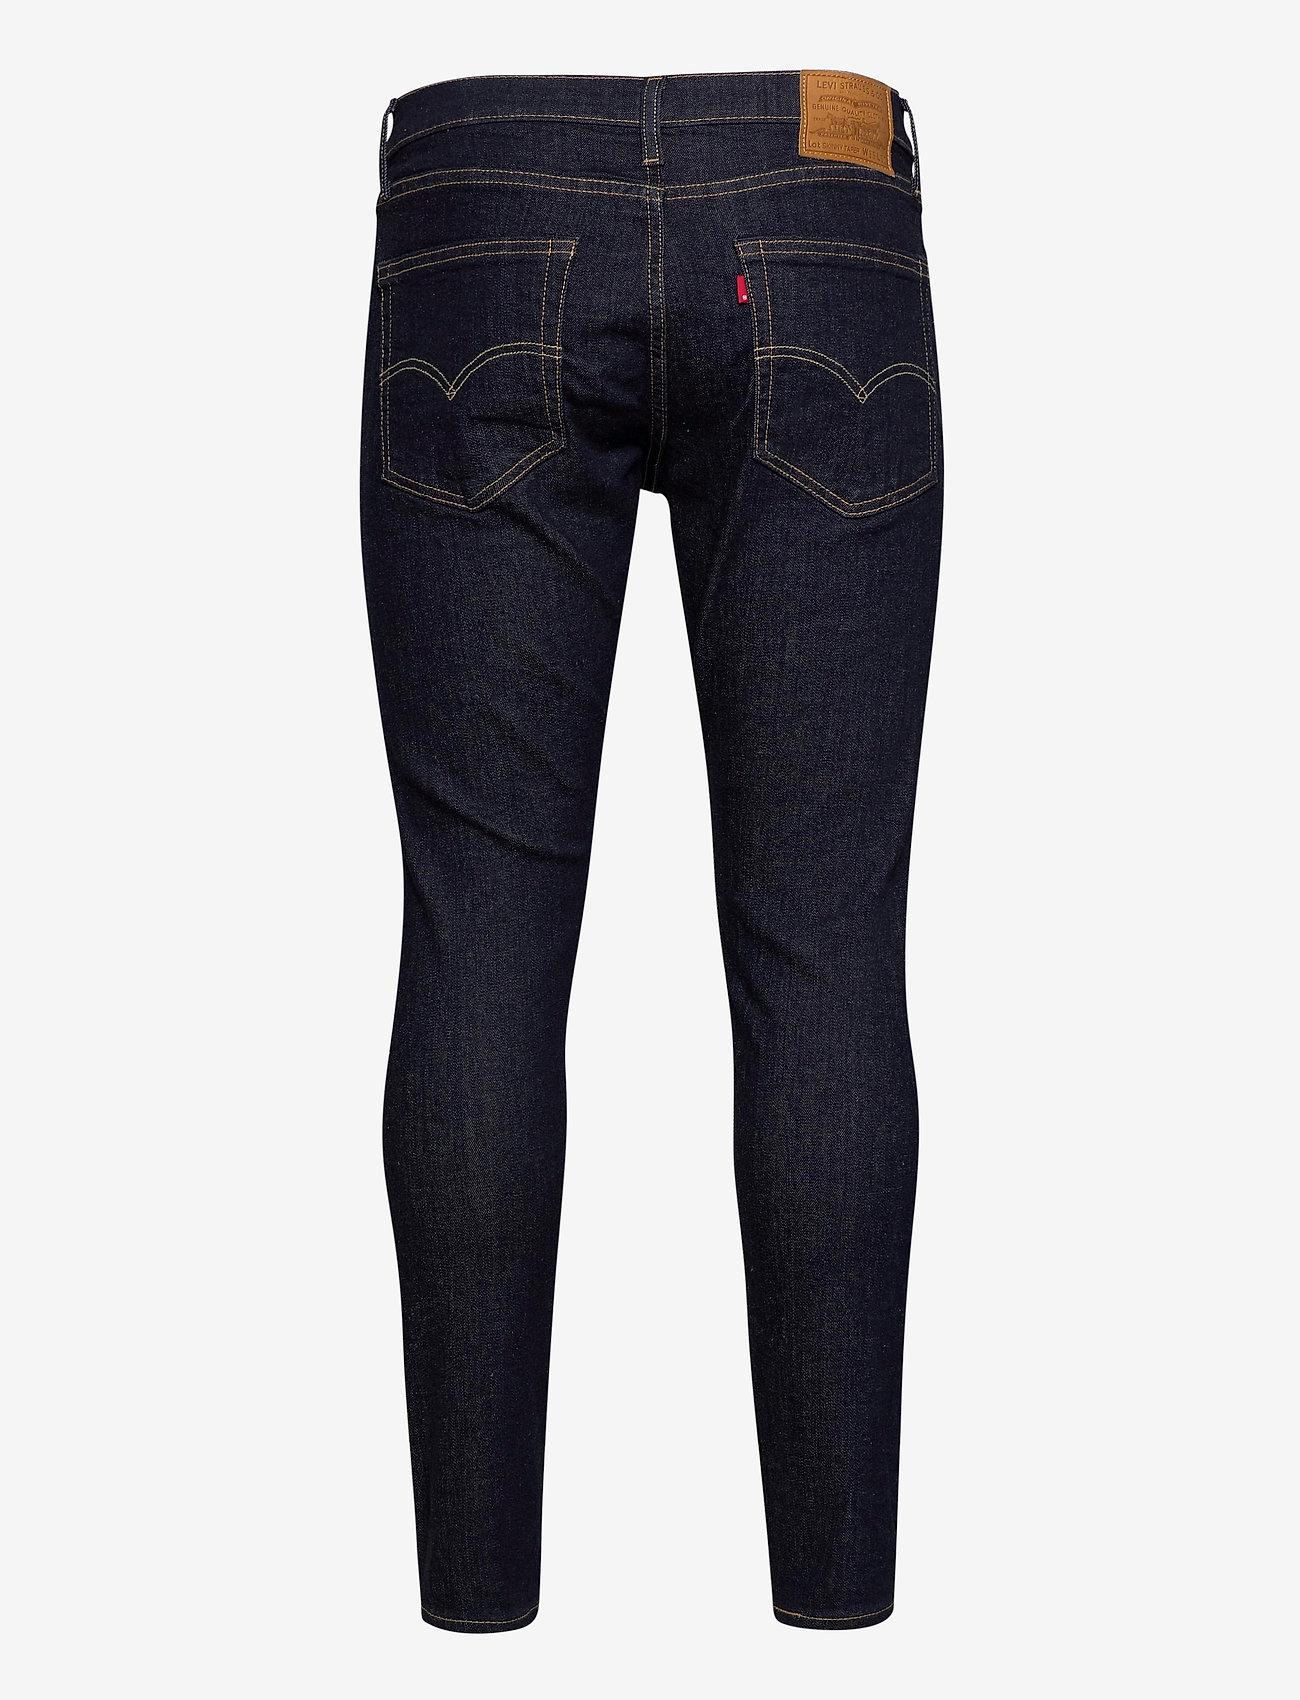 LEVI´S Men - SKINNY TAPER CLEANER ADV - skinny jeans - dark indigo - flat finish - 1